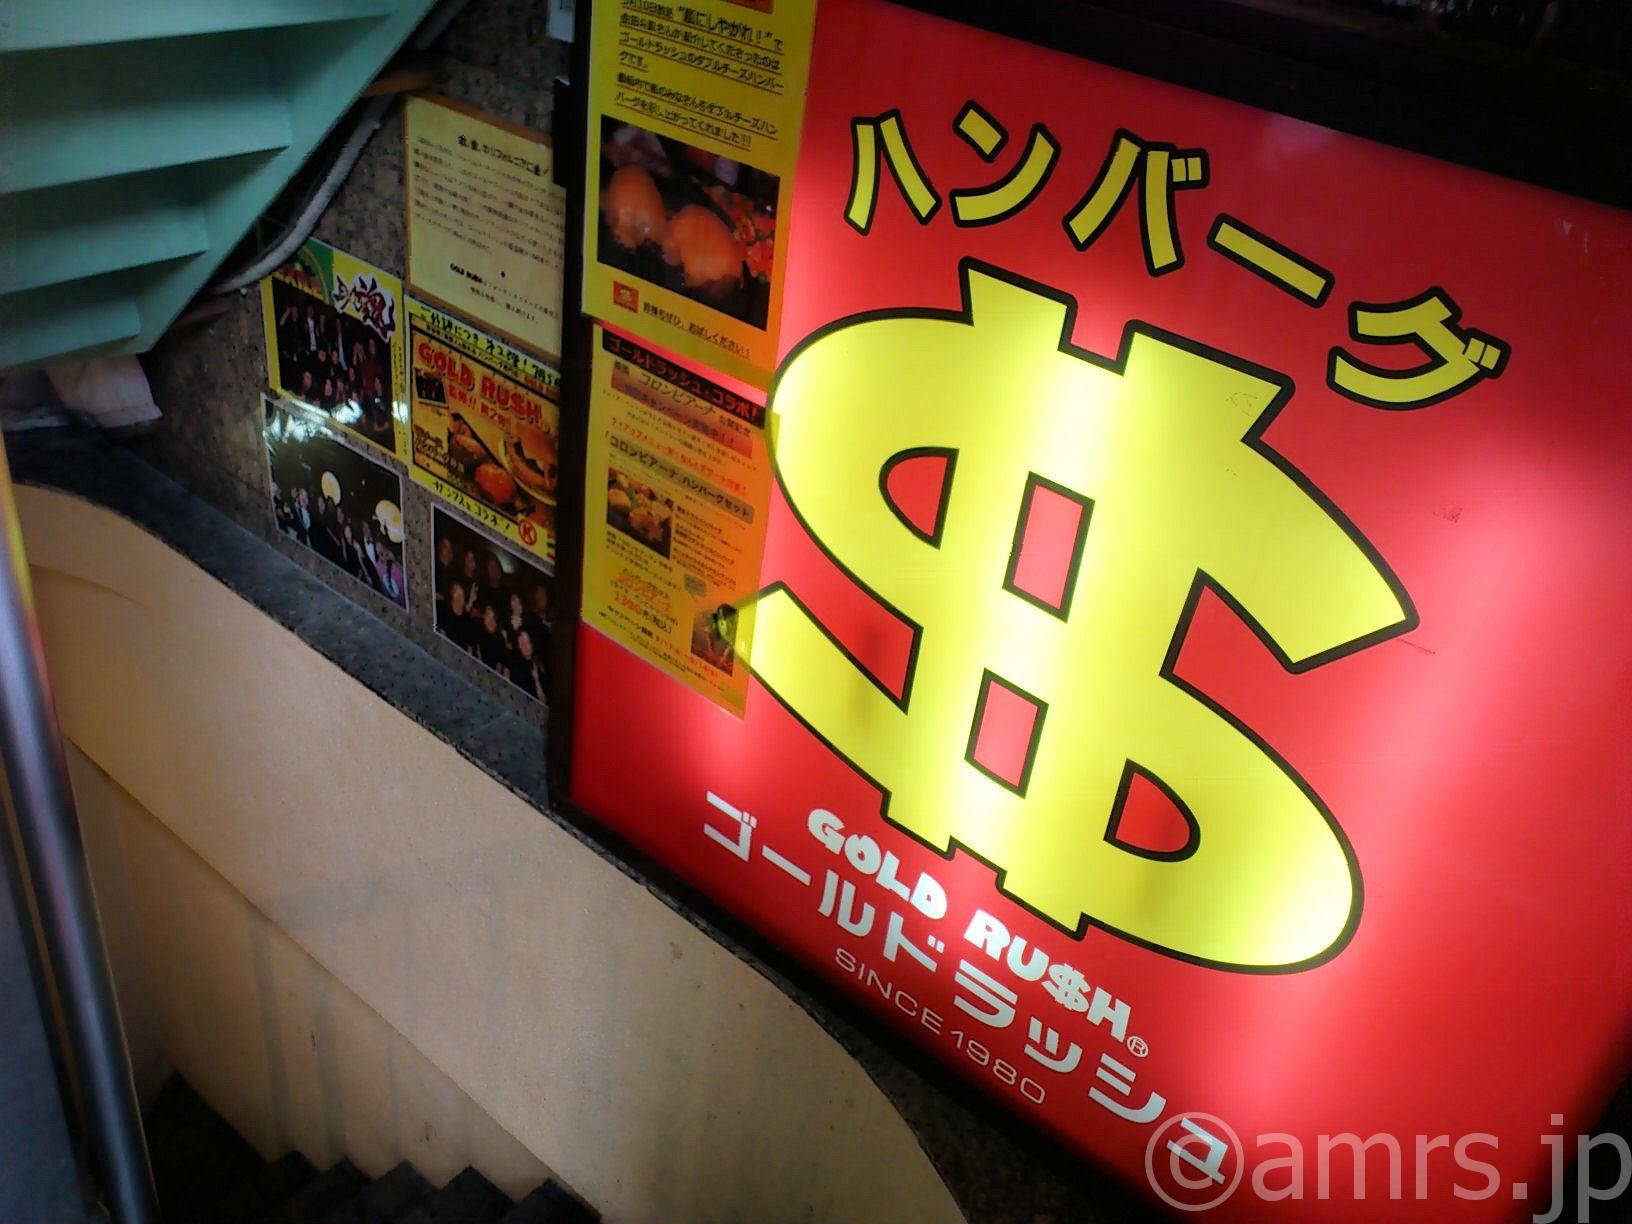 GOLD RUSH(ゴールドラッシュ) 新宿東口店@東京都新宿区